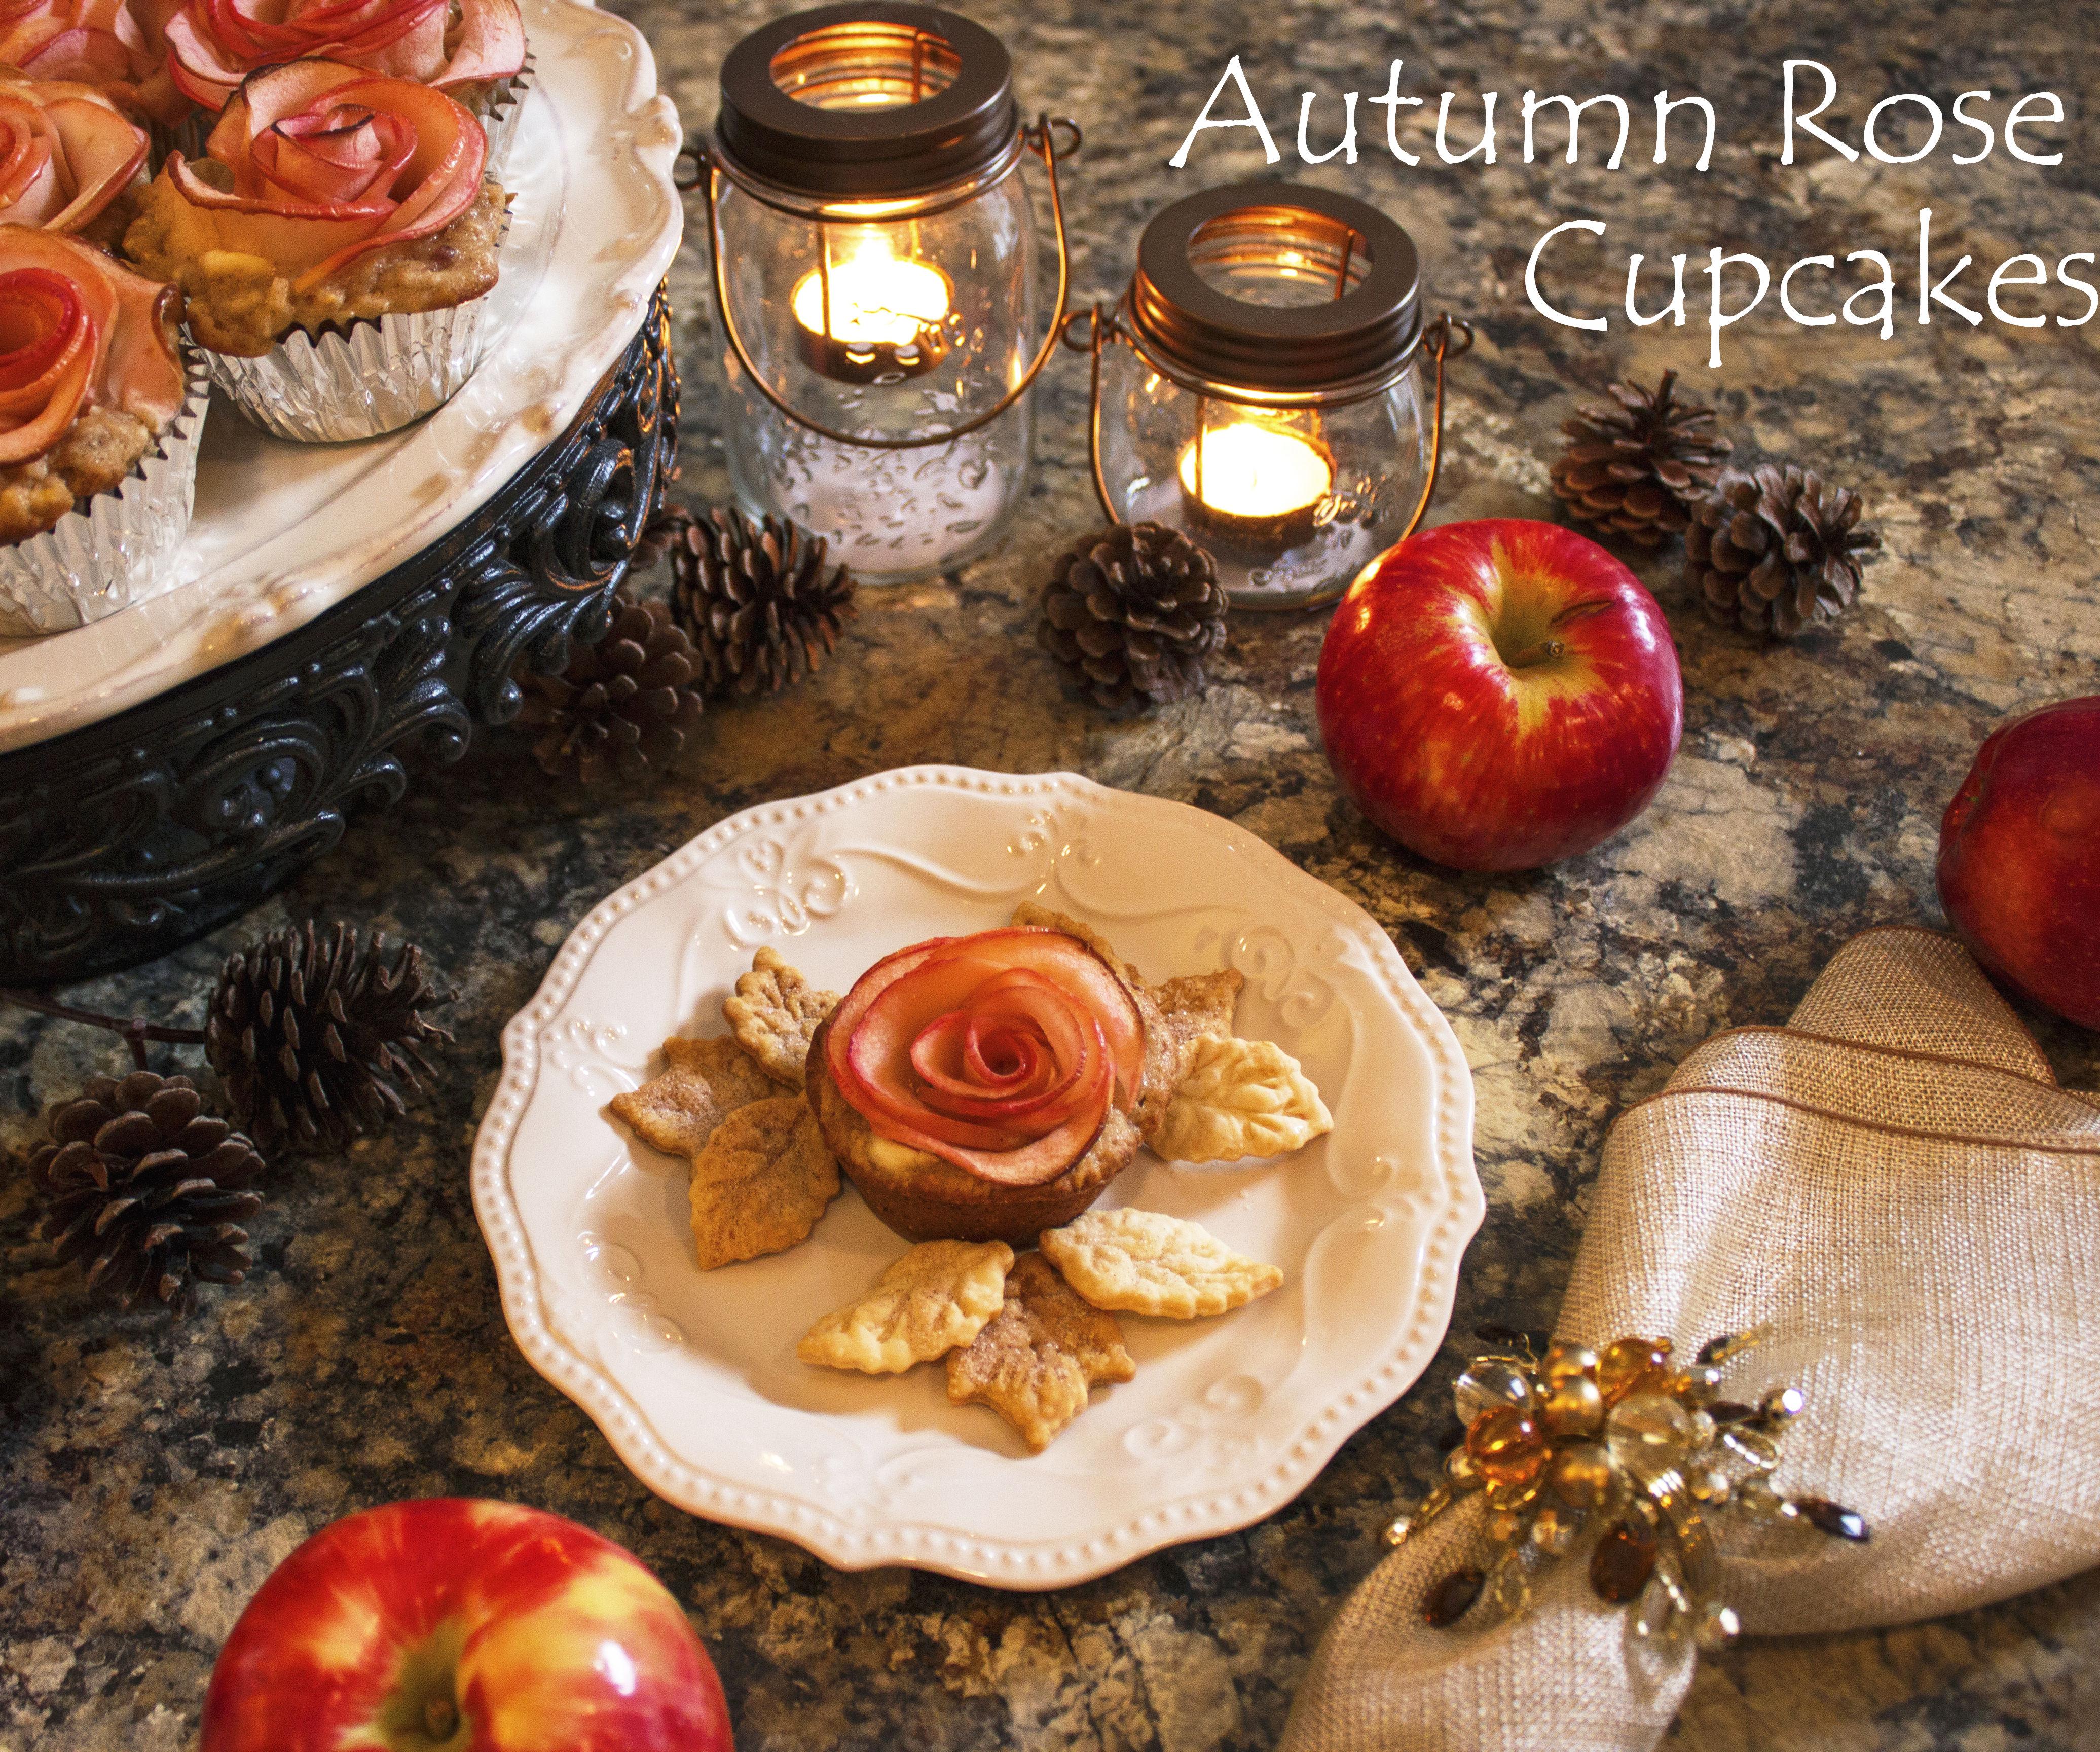 Autumn Rose Cupcakes